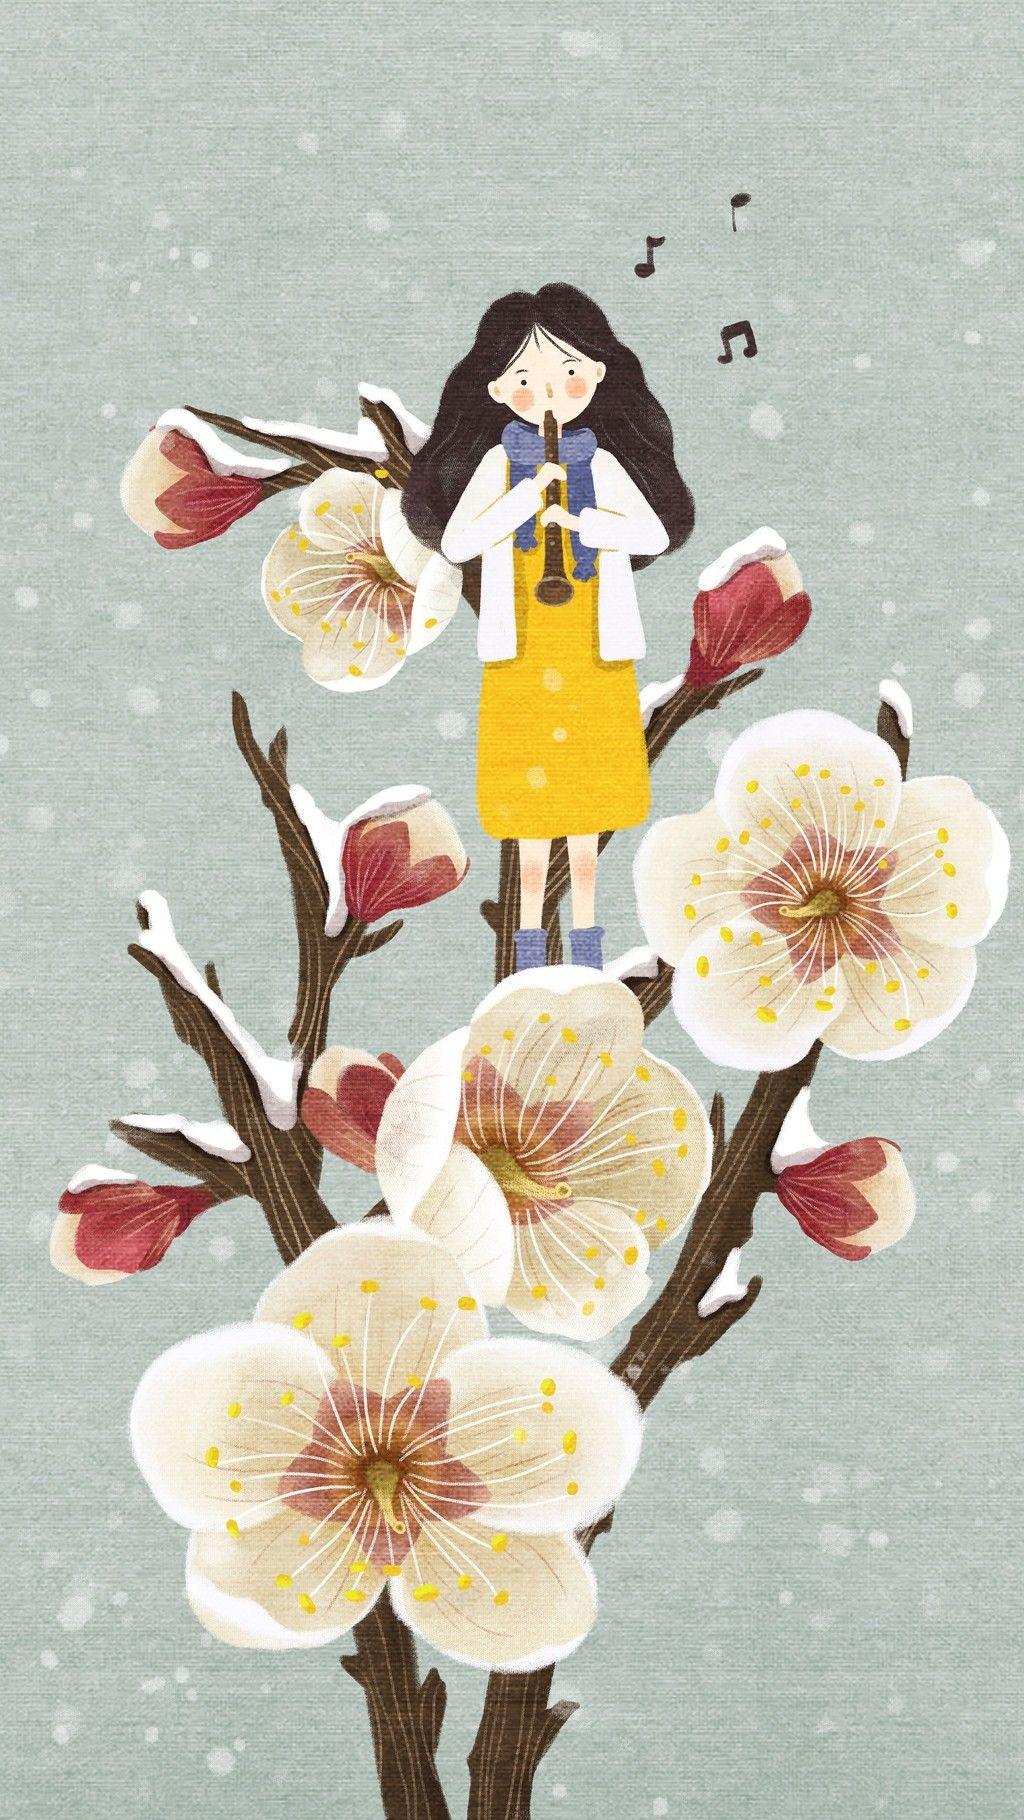 Pin by ROSE on Wallpaper 2 Anime art girl, Artsy